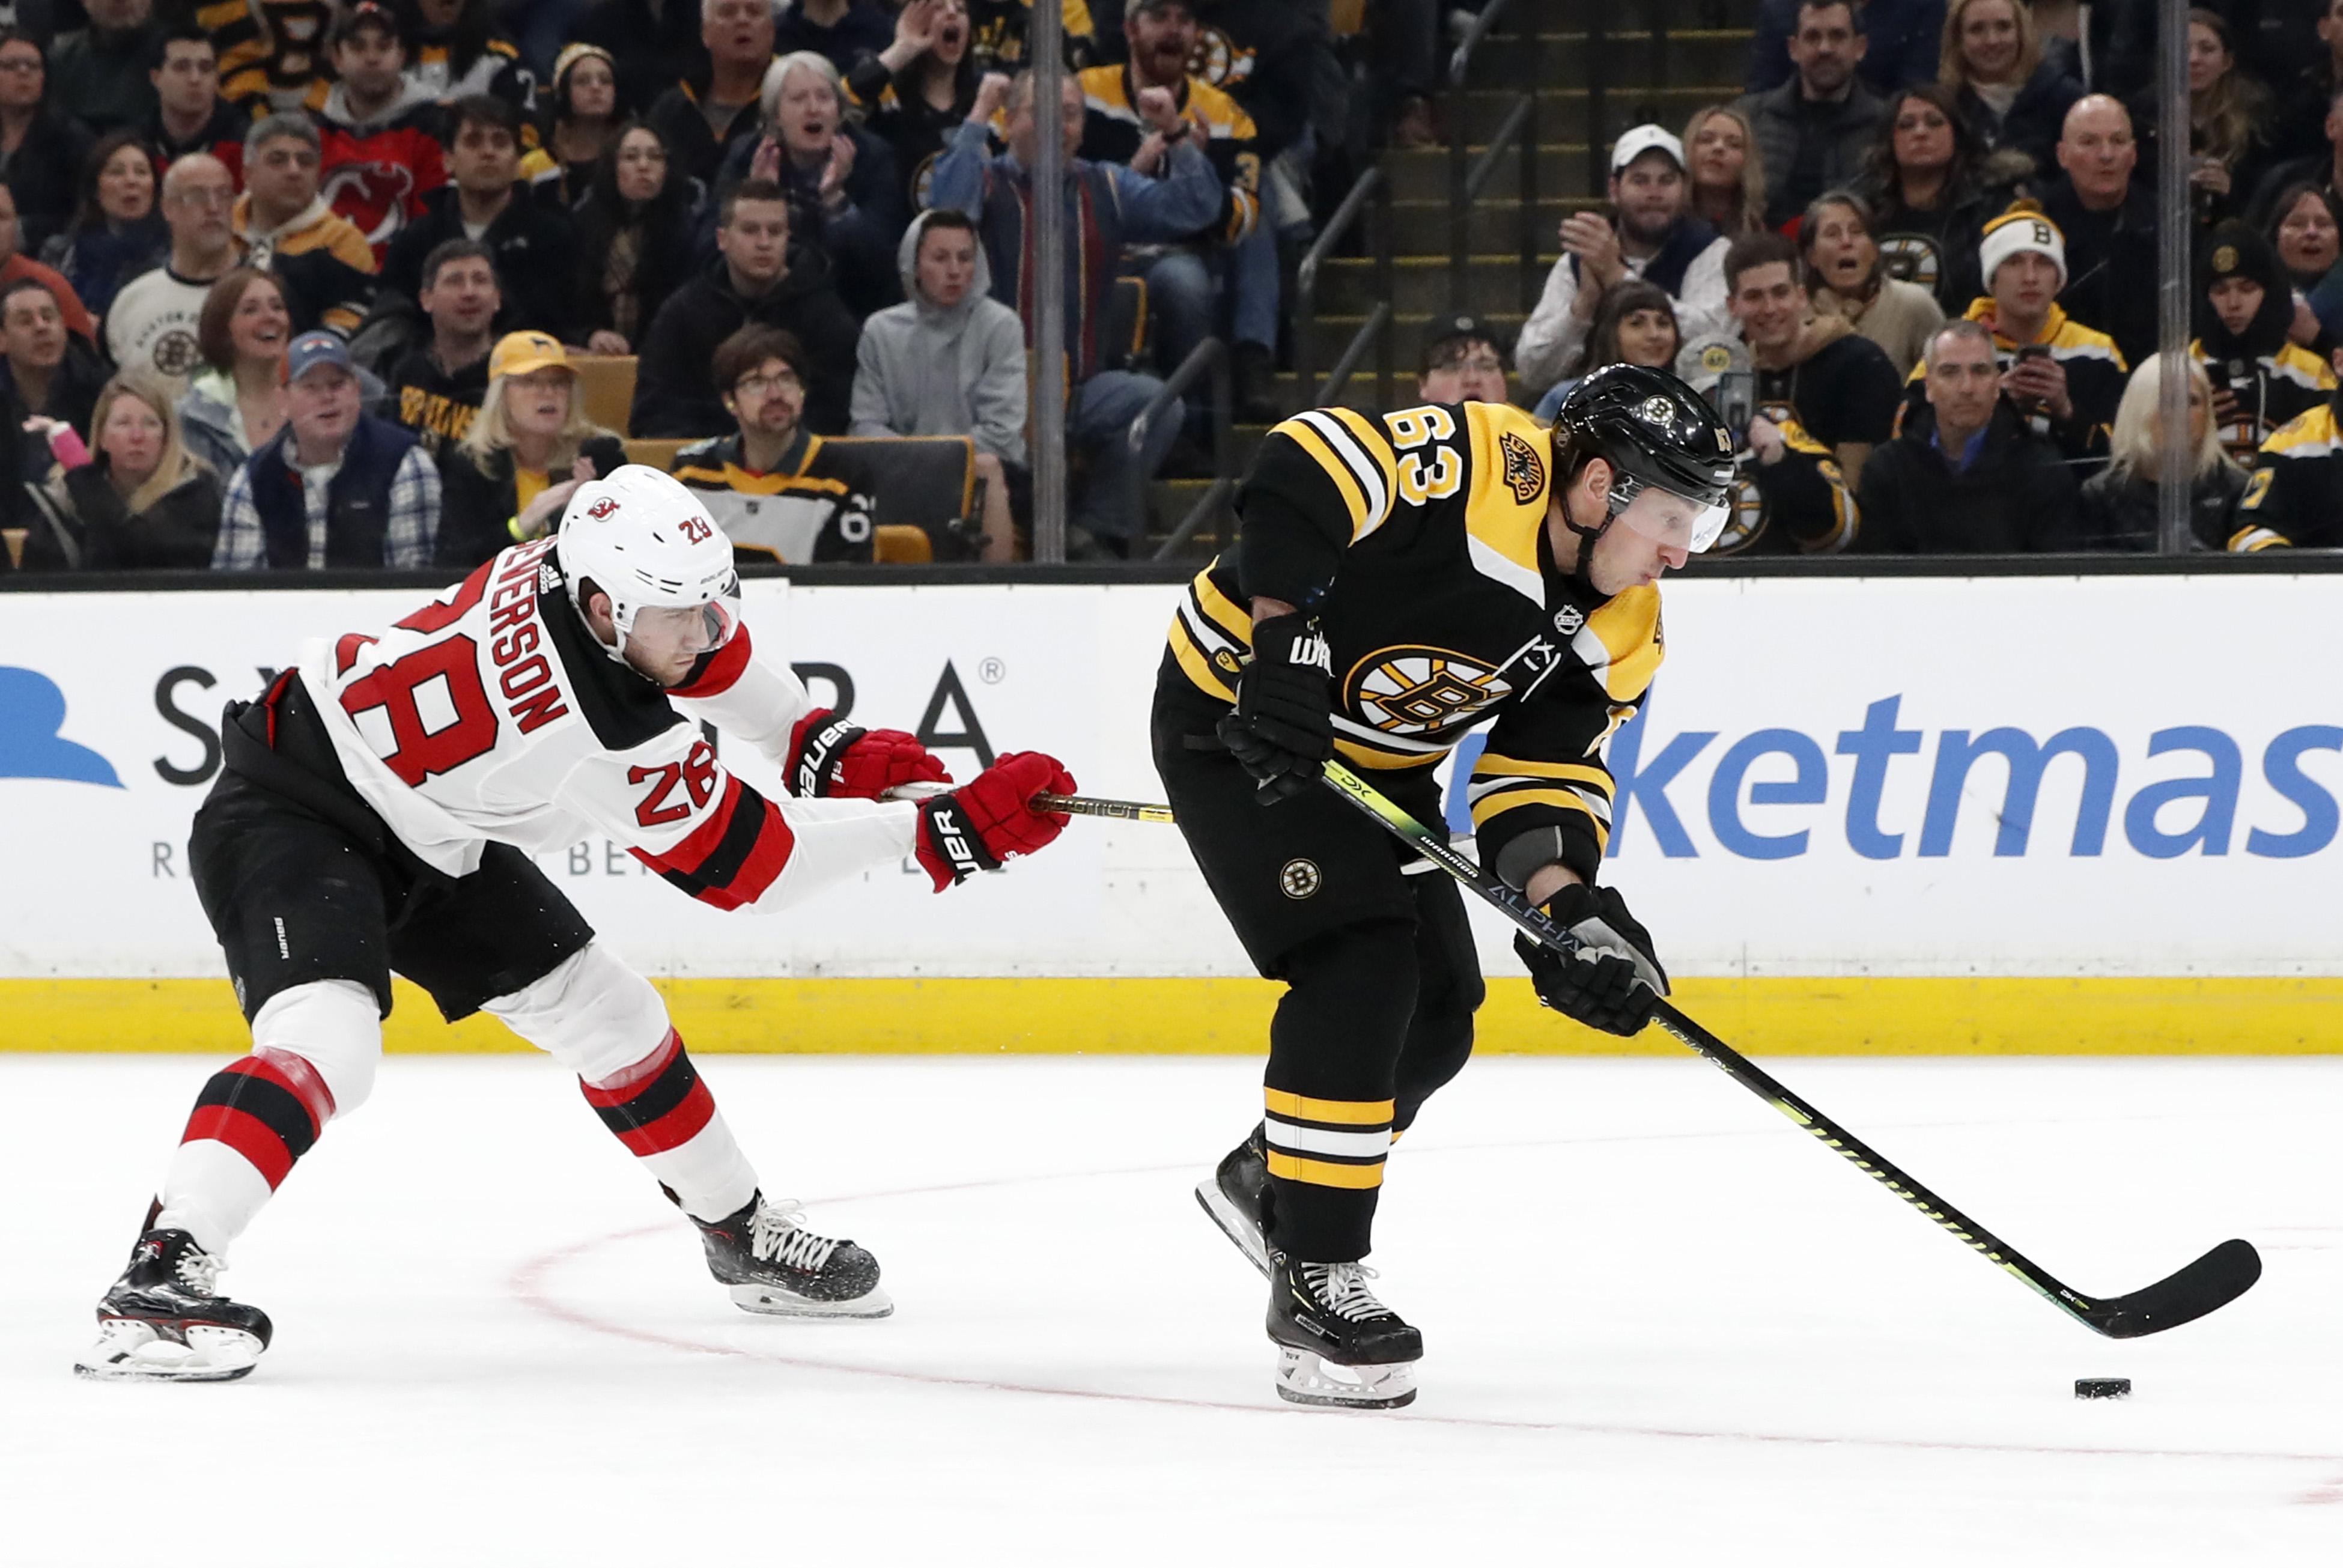 NHL: MAR 02 Devils at Bruins